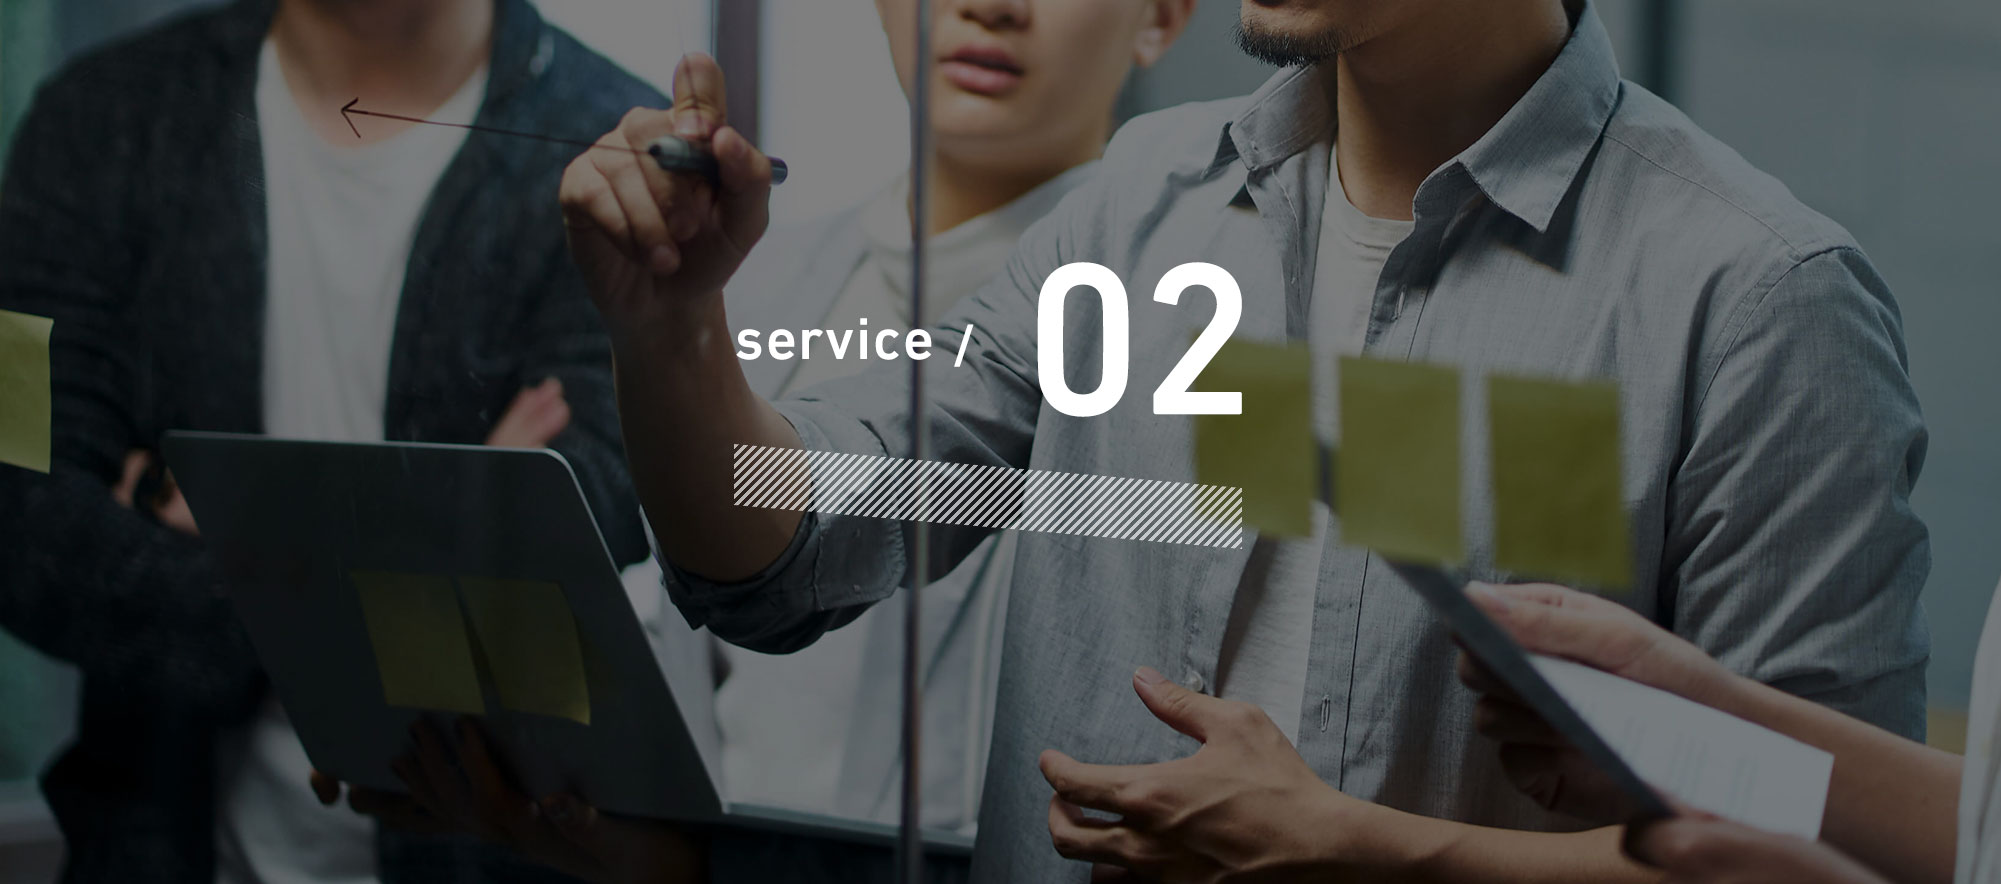 社内情報共有ツール運営・管理